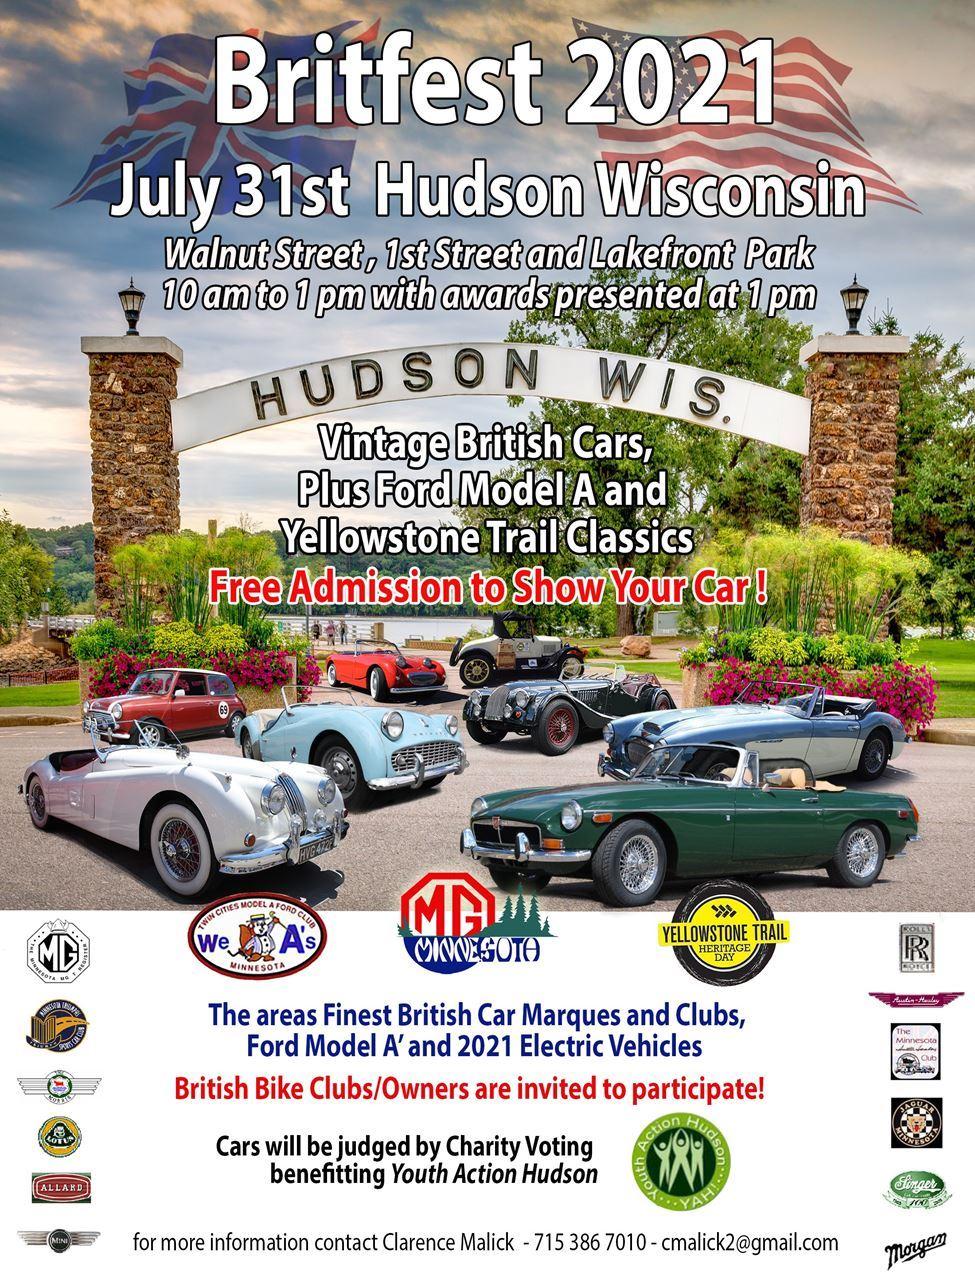 Britfest Hudson Wisconsin 2021